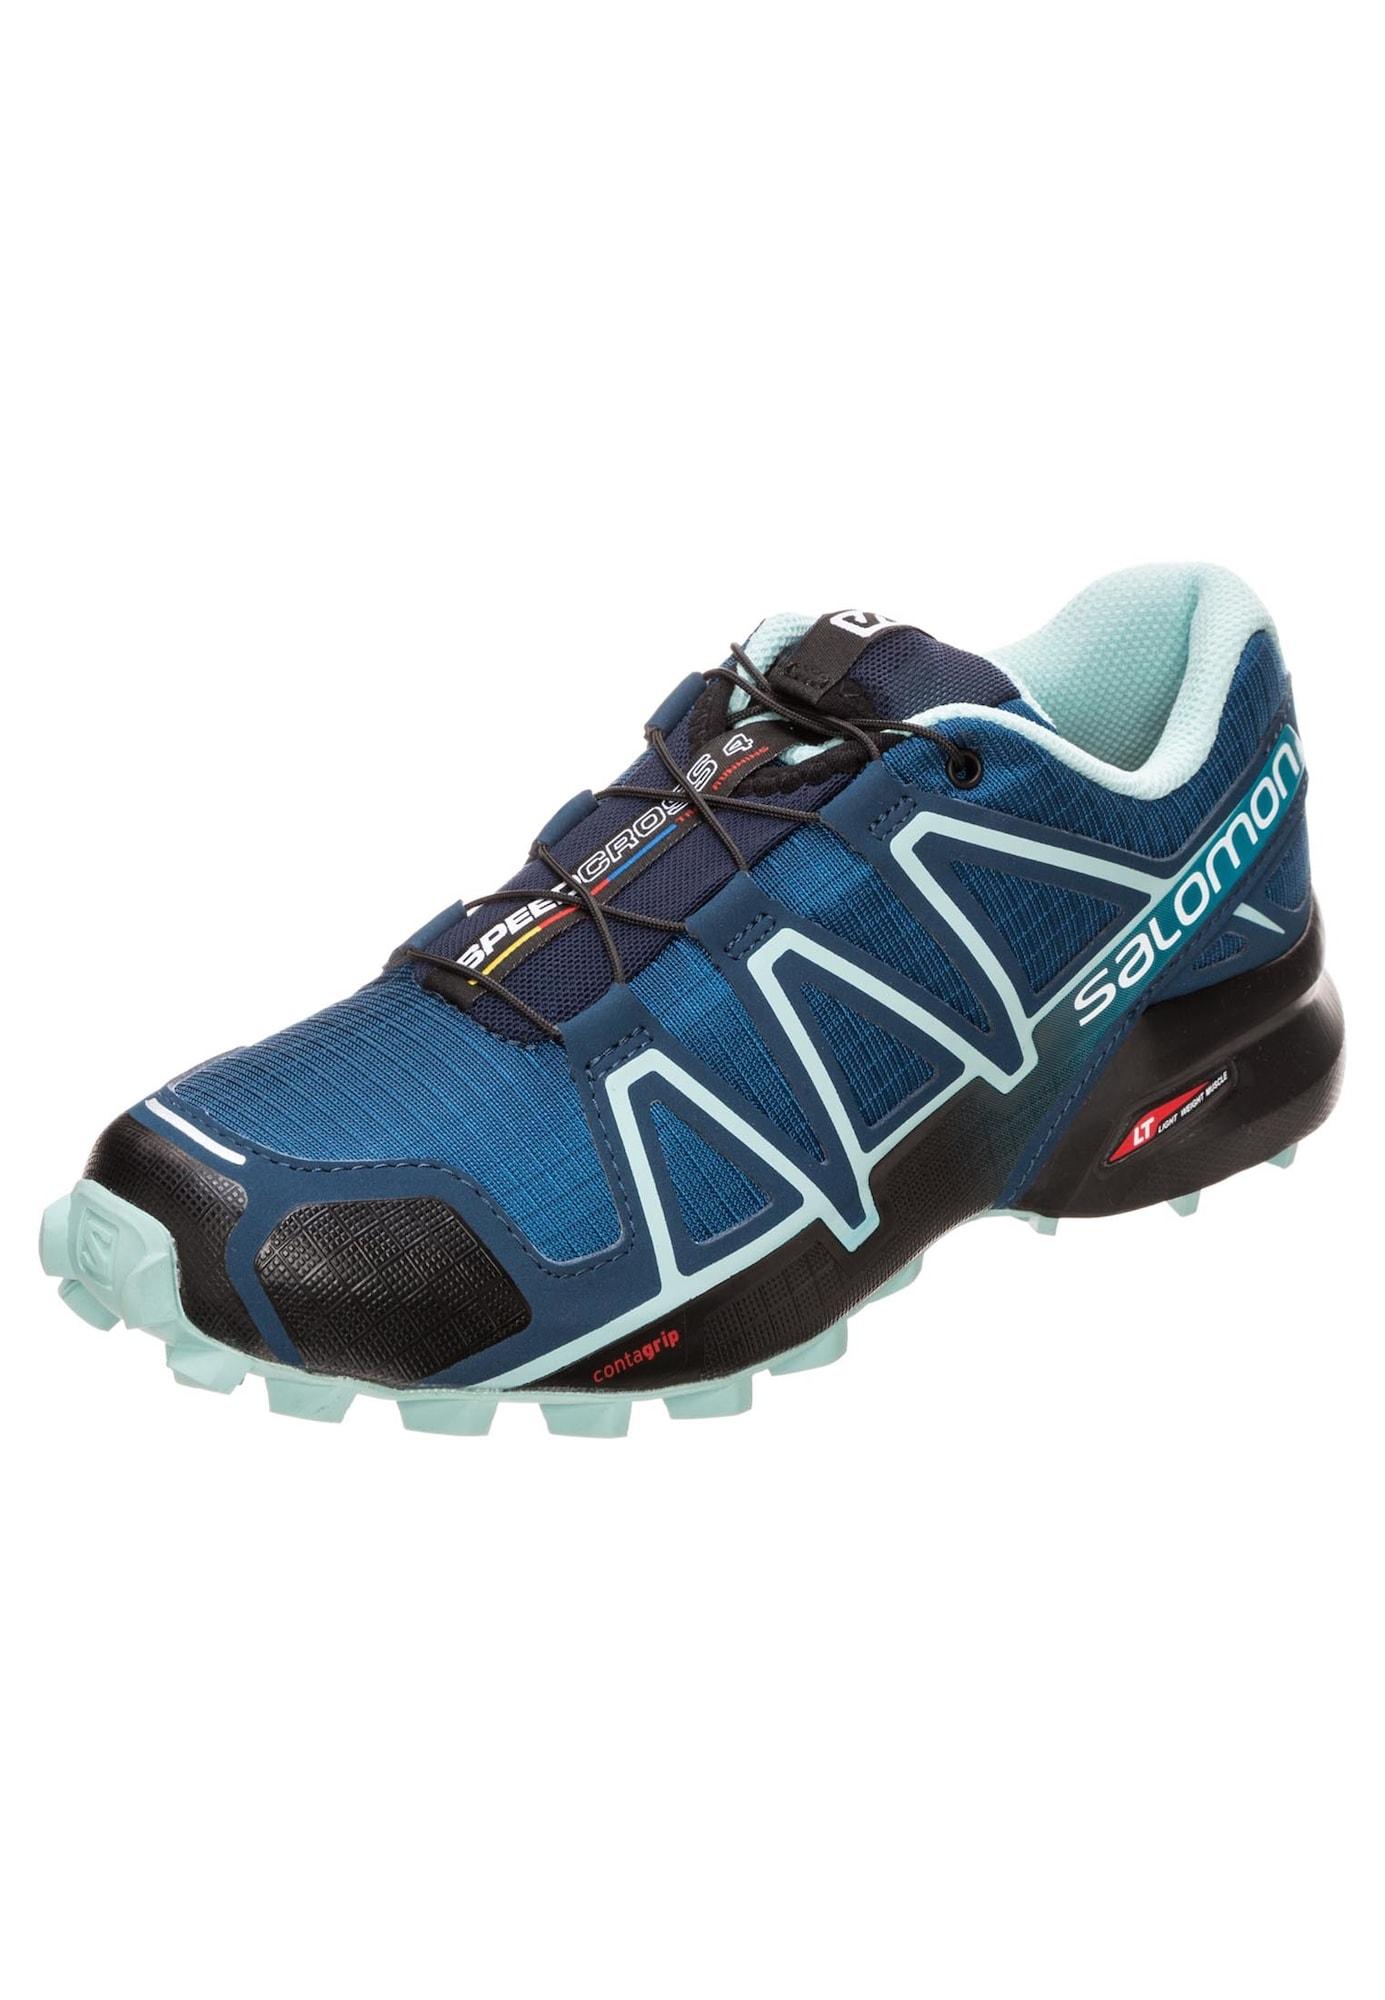 Laufschuh 'Speedcross 4' | Schuhe > Sportschuhe > Laufschuhe | Salomon